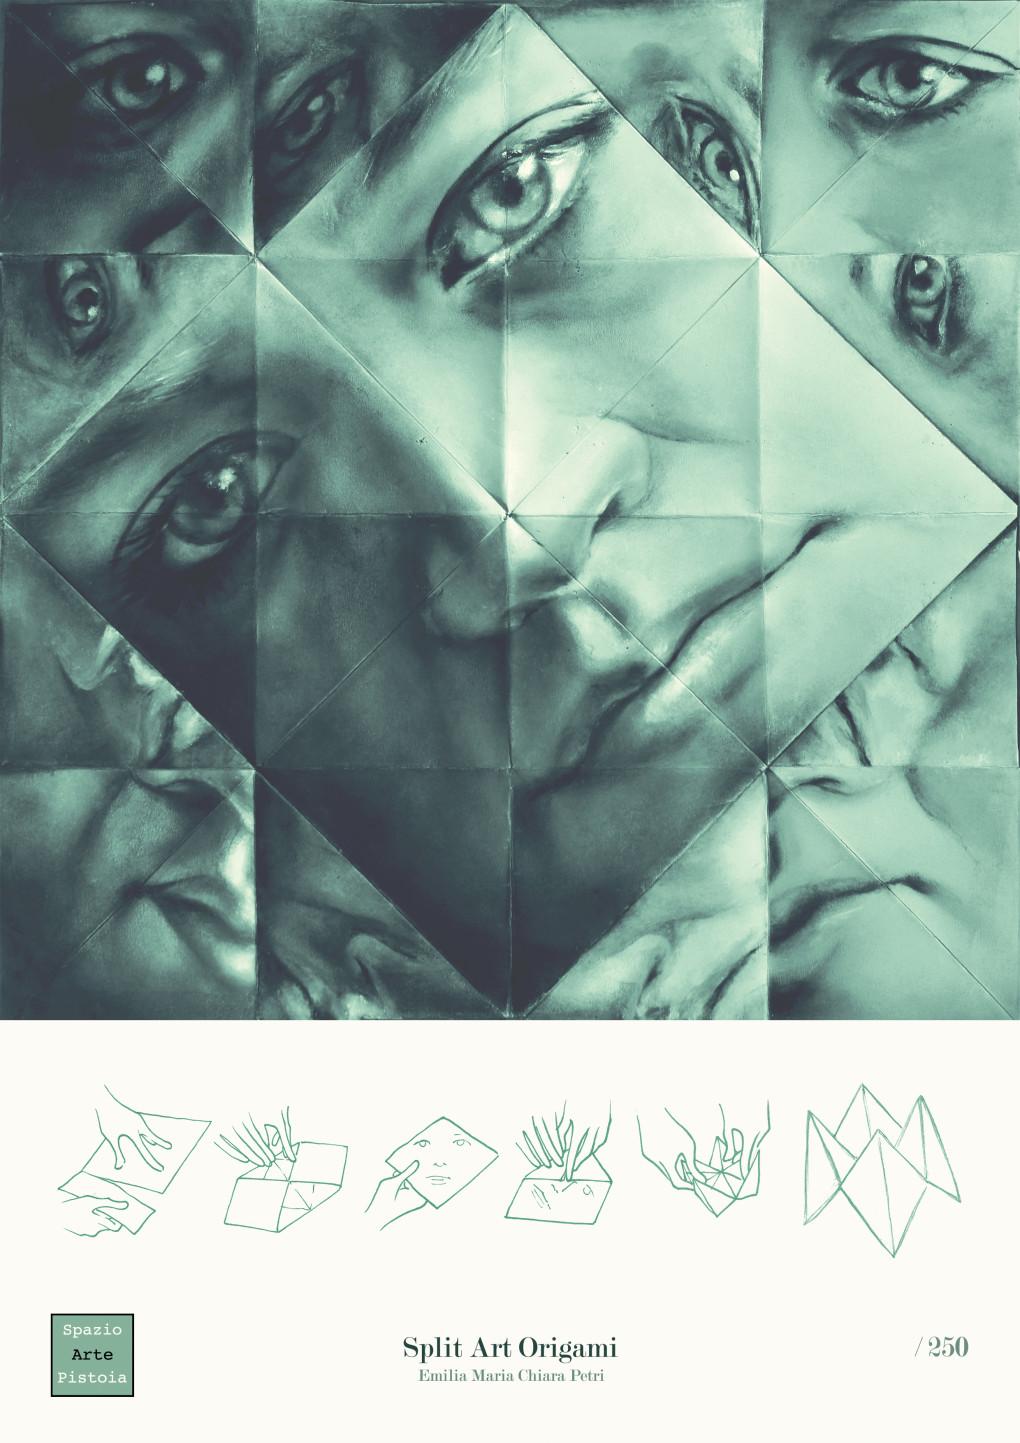 Split Art Origami - opera realizzata in collaborazione con Luca Genovese